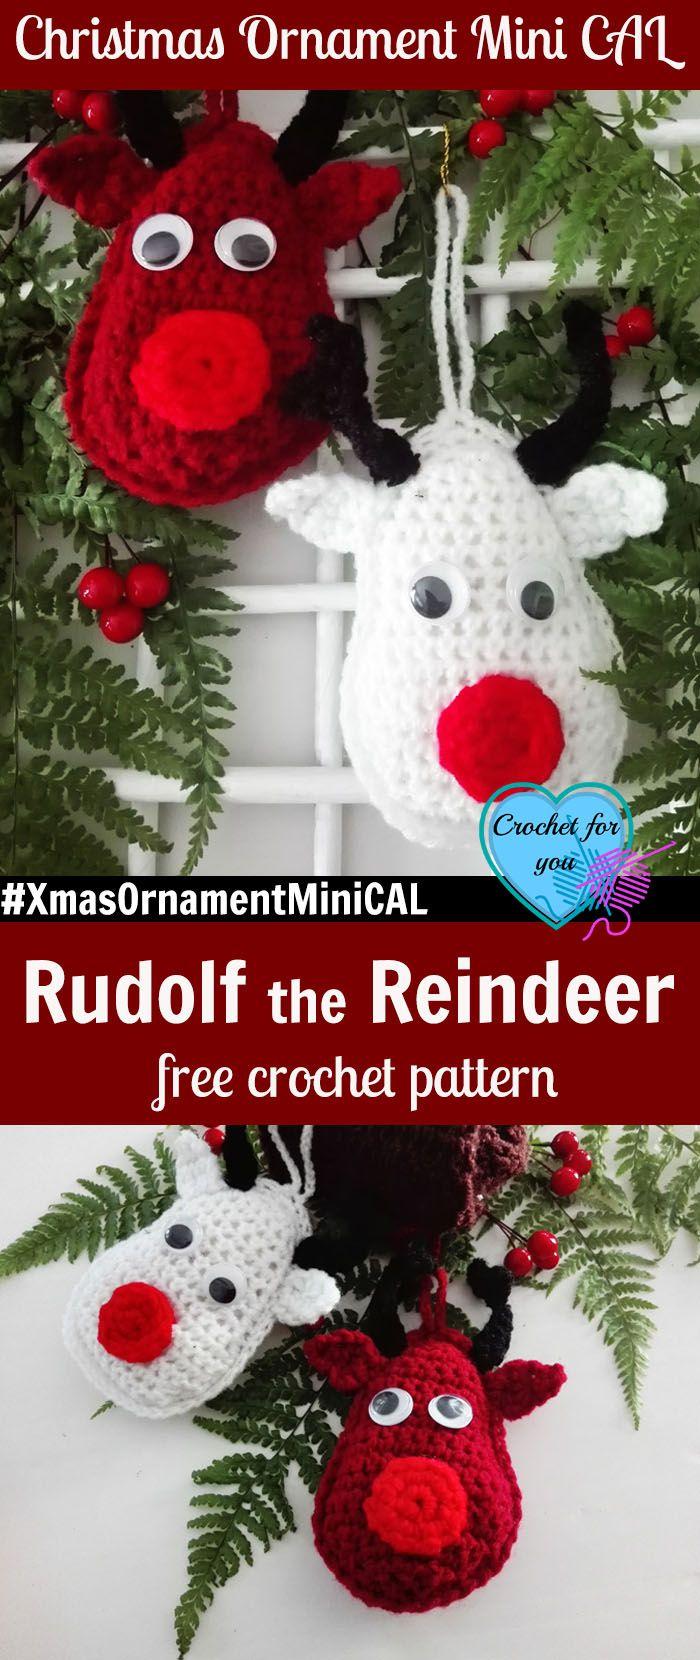 Christmas Ornament Mini CAL – Crochet Rudolf the Reindeer #xmasornamentminical